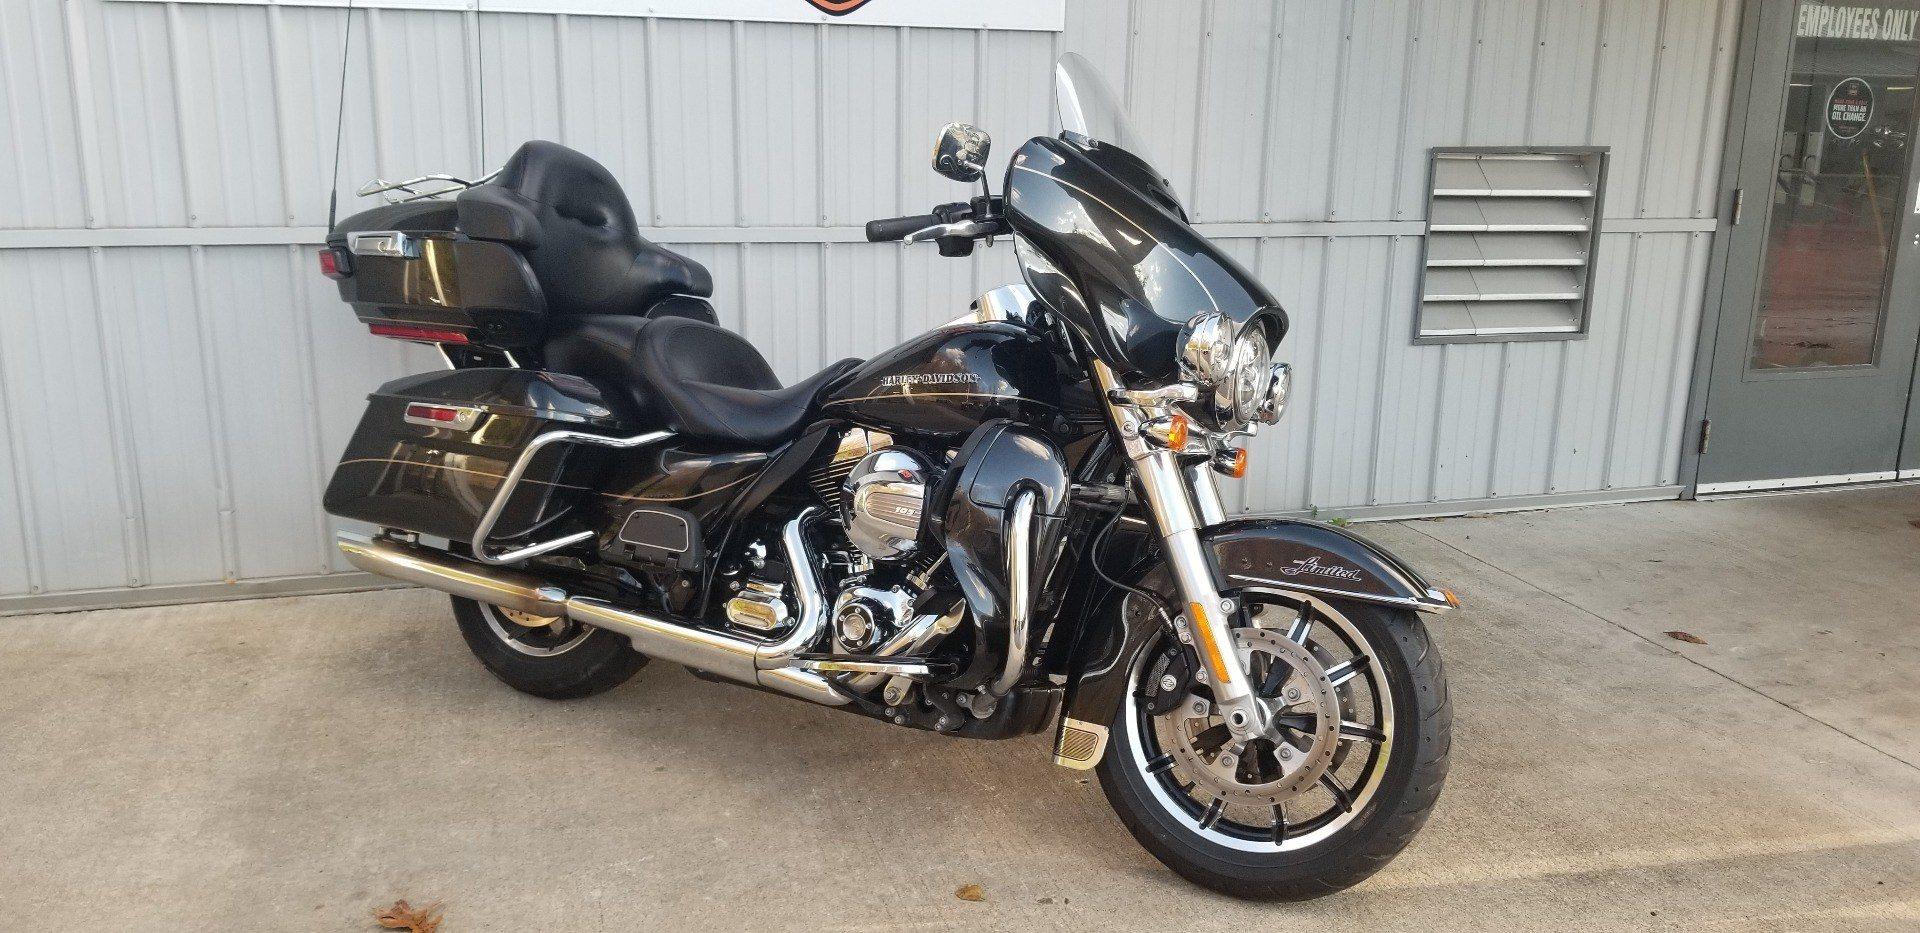 2016 Harley-Davidson Ultra Limited for sale 39940